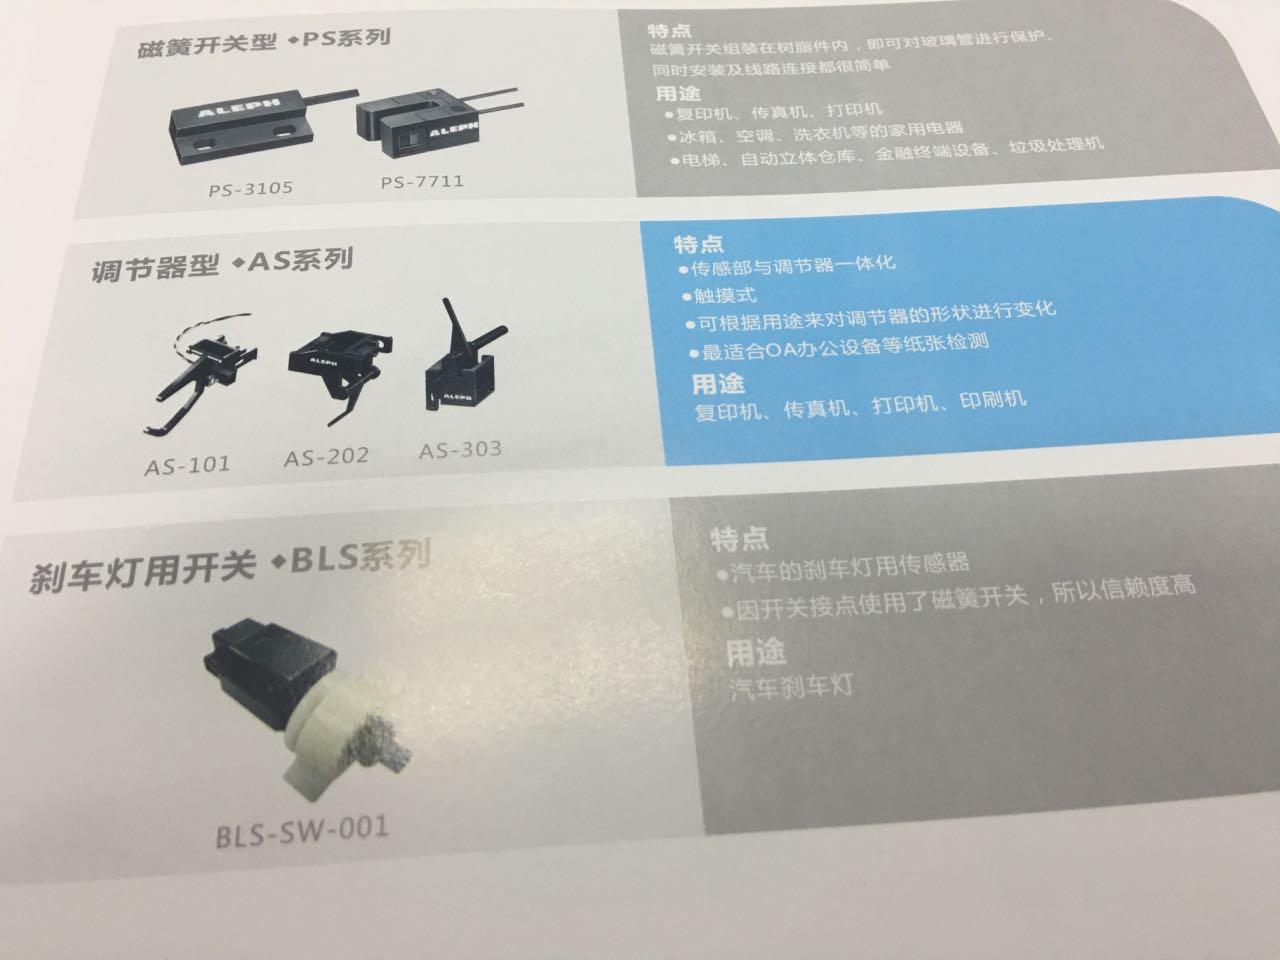 来自刘秀丽发布的供应信息:我司主要生产磁控传感器,磁簧开关,接近开... - 光隆音响(深圳)有限公司